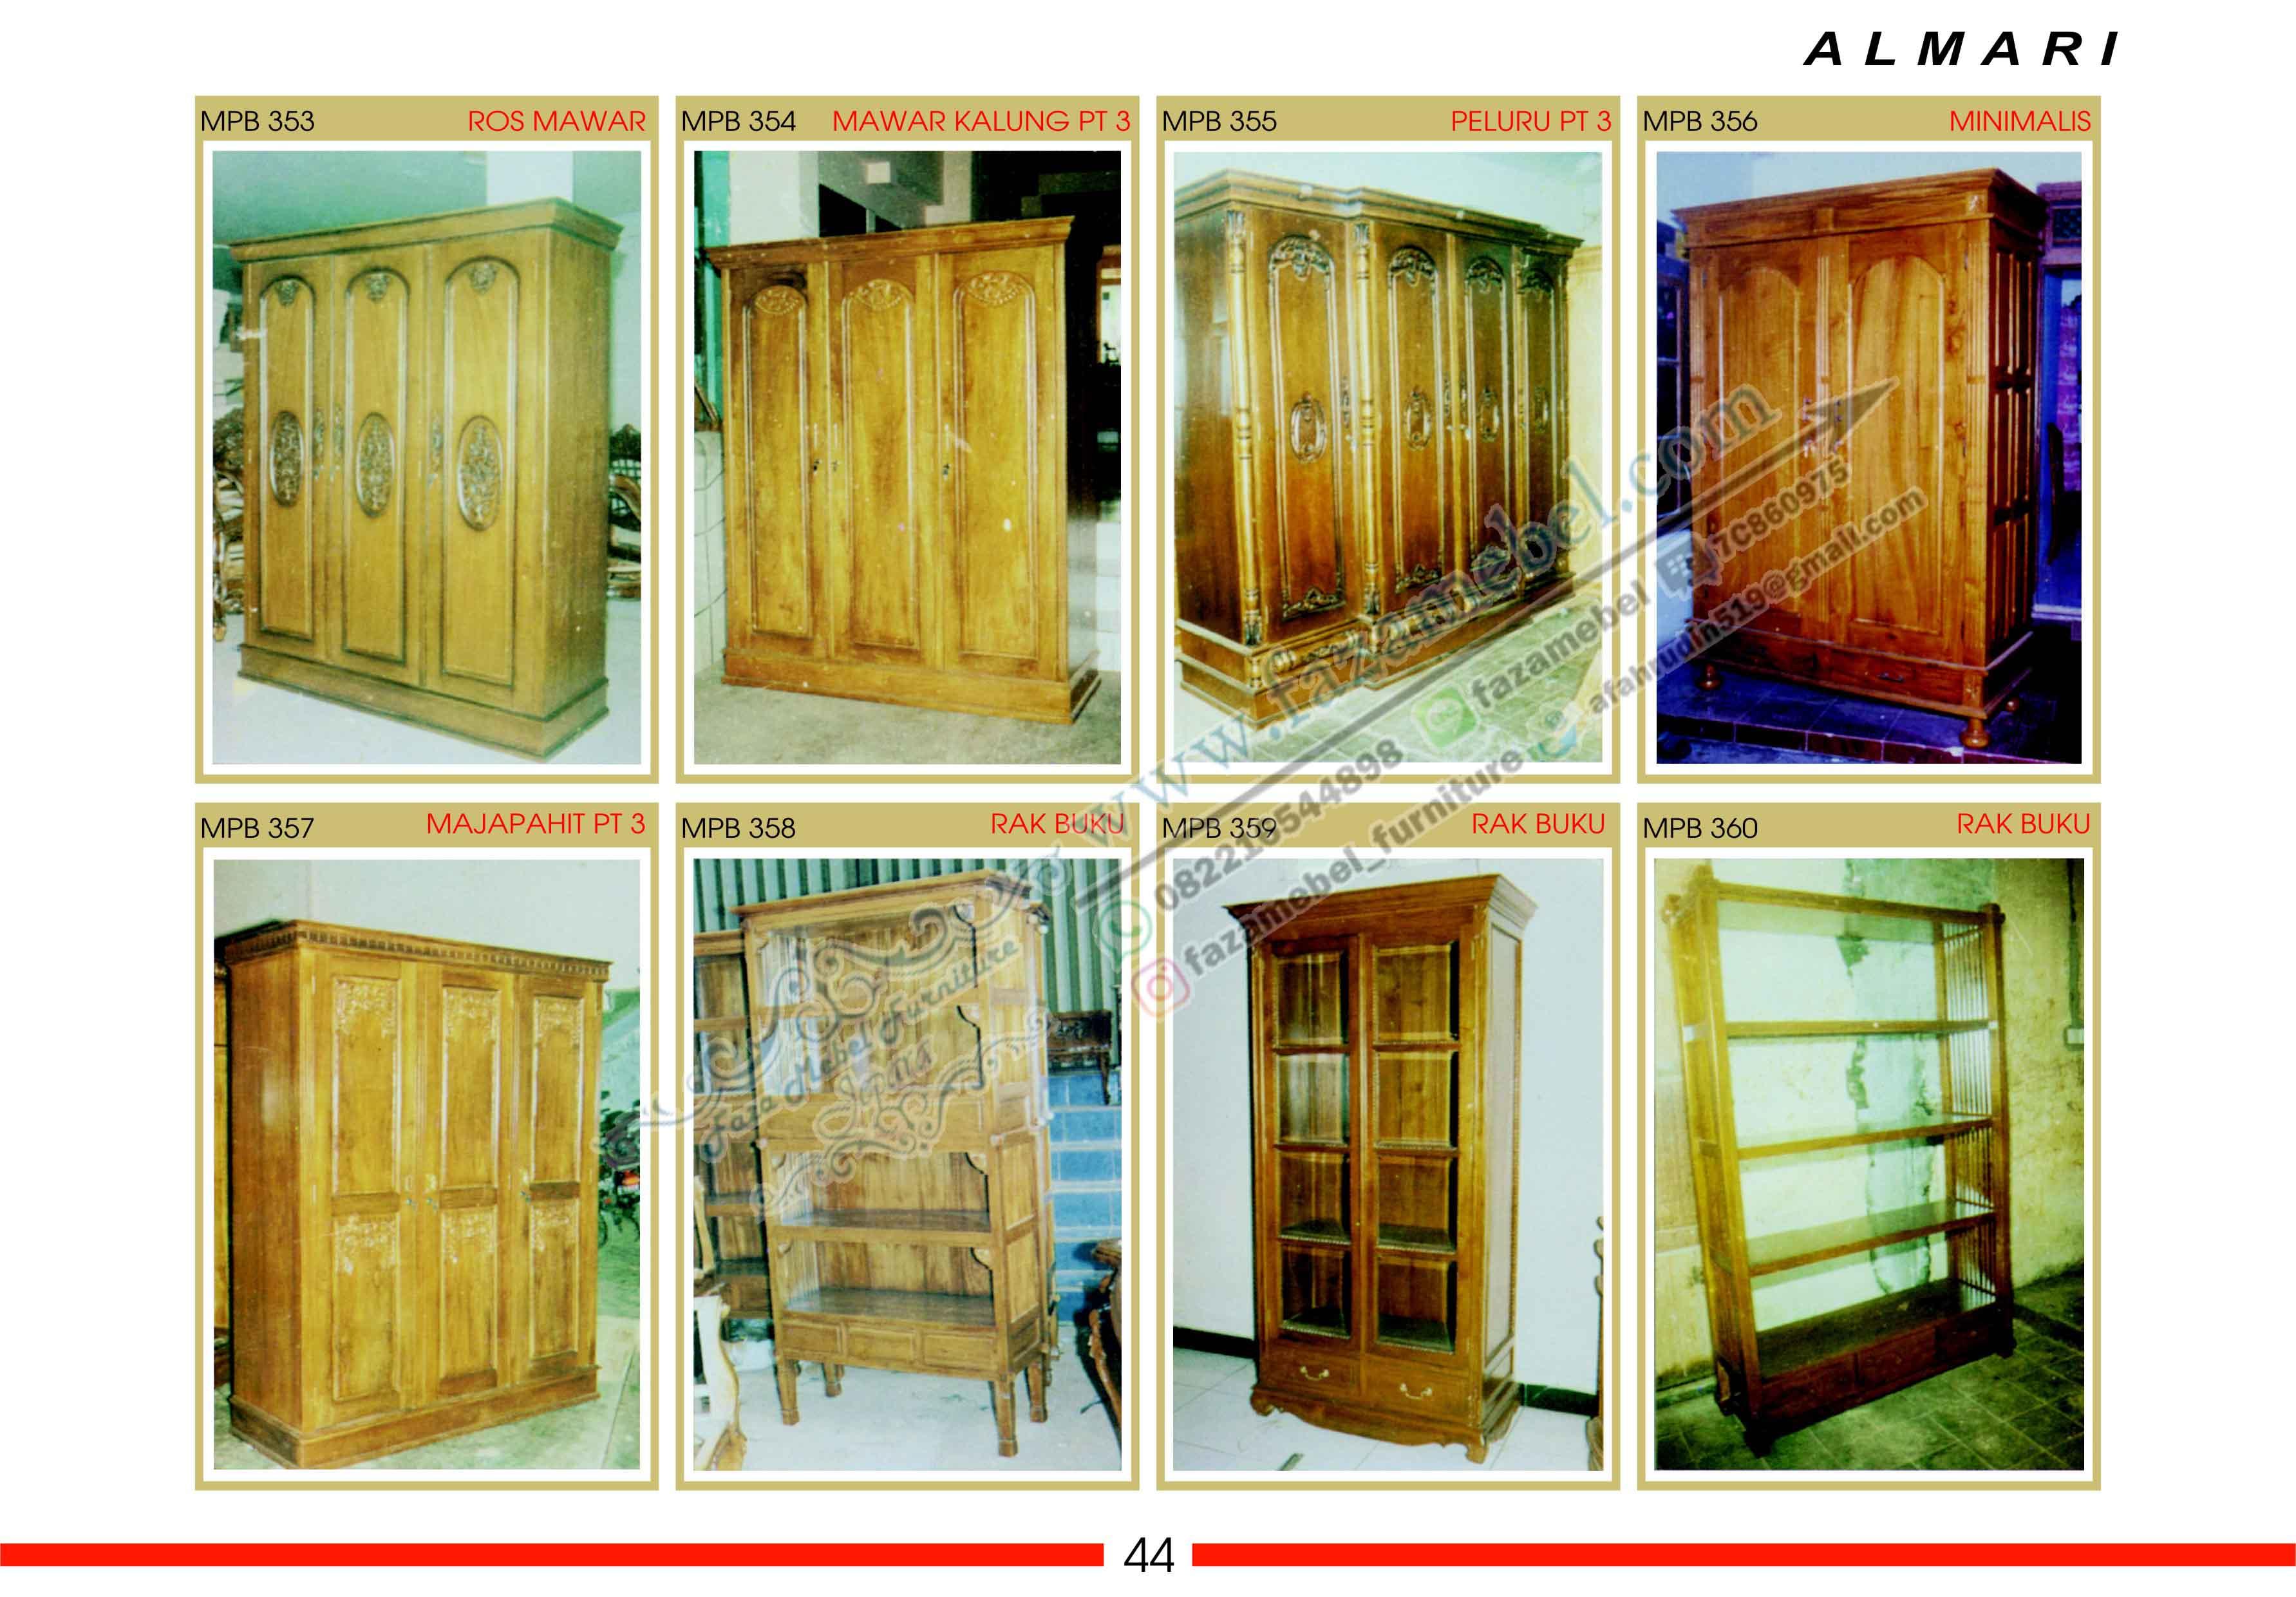 almari-jati12